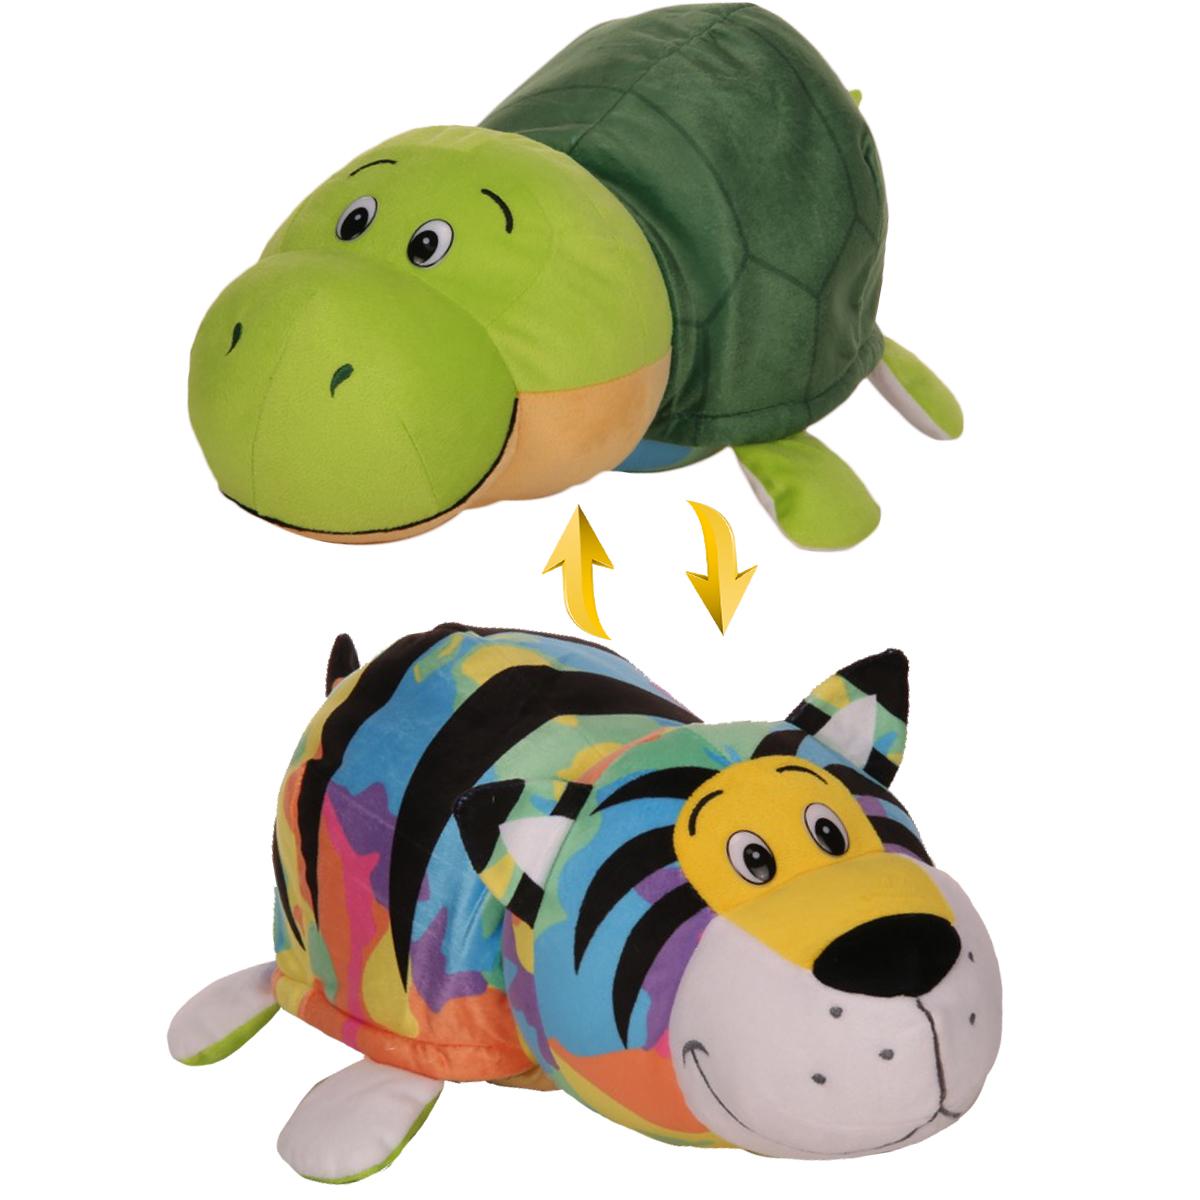 Мягкая игрушка 1toy Вывернушка Тигр-Черепаха плюшевая игрушка вывернушка слон тигр 35см